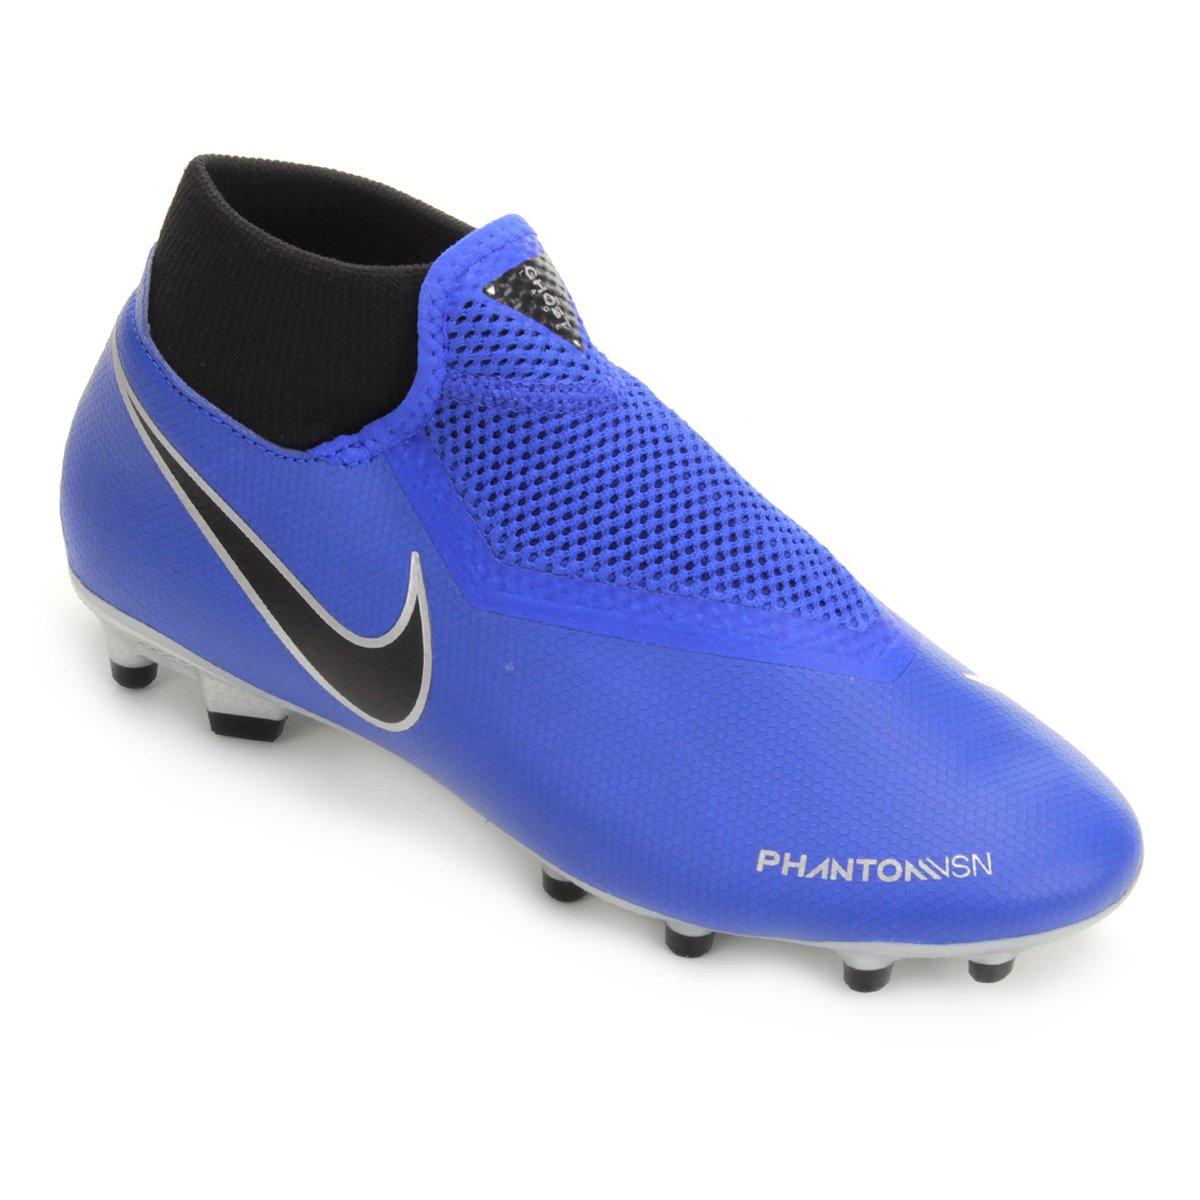 1bd27619cb Chuteira Campo Nike Phantom Vision Academy DF FG - Azul e Preto ...